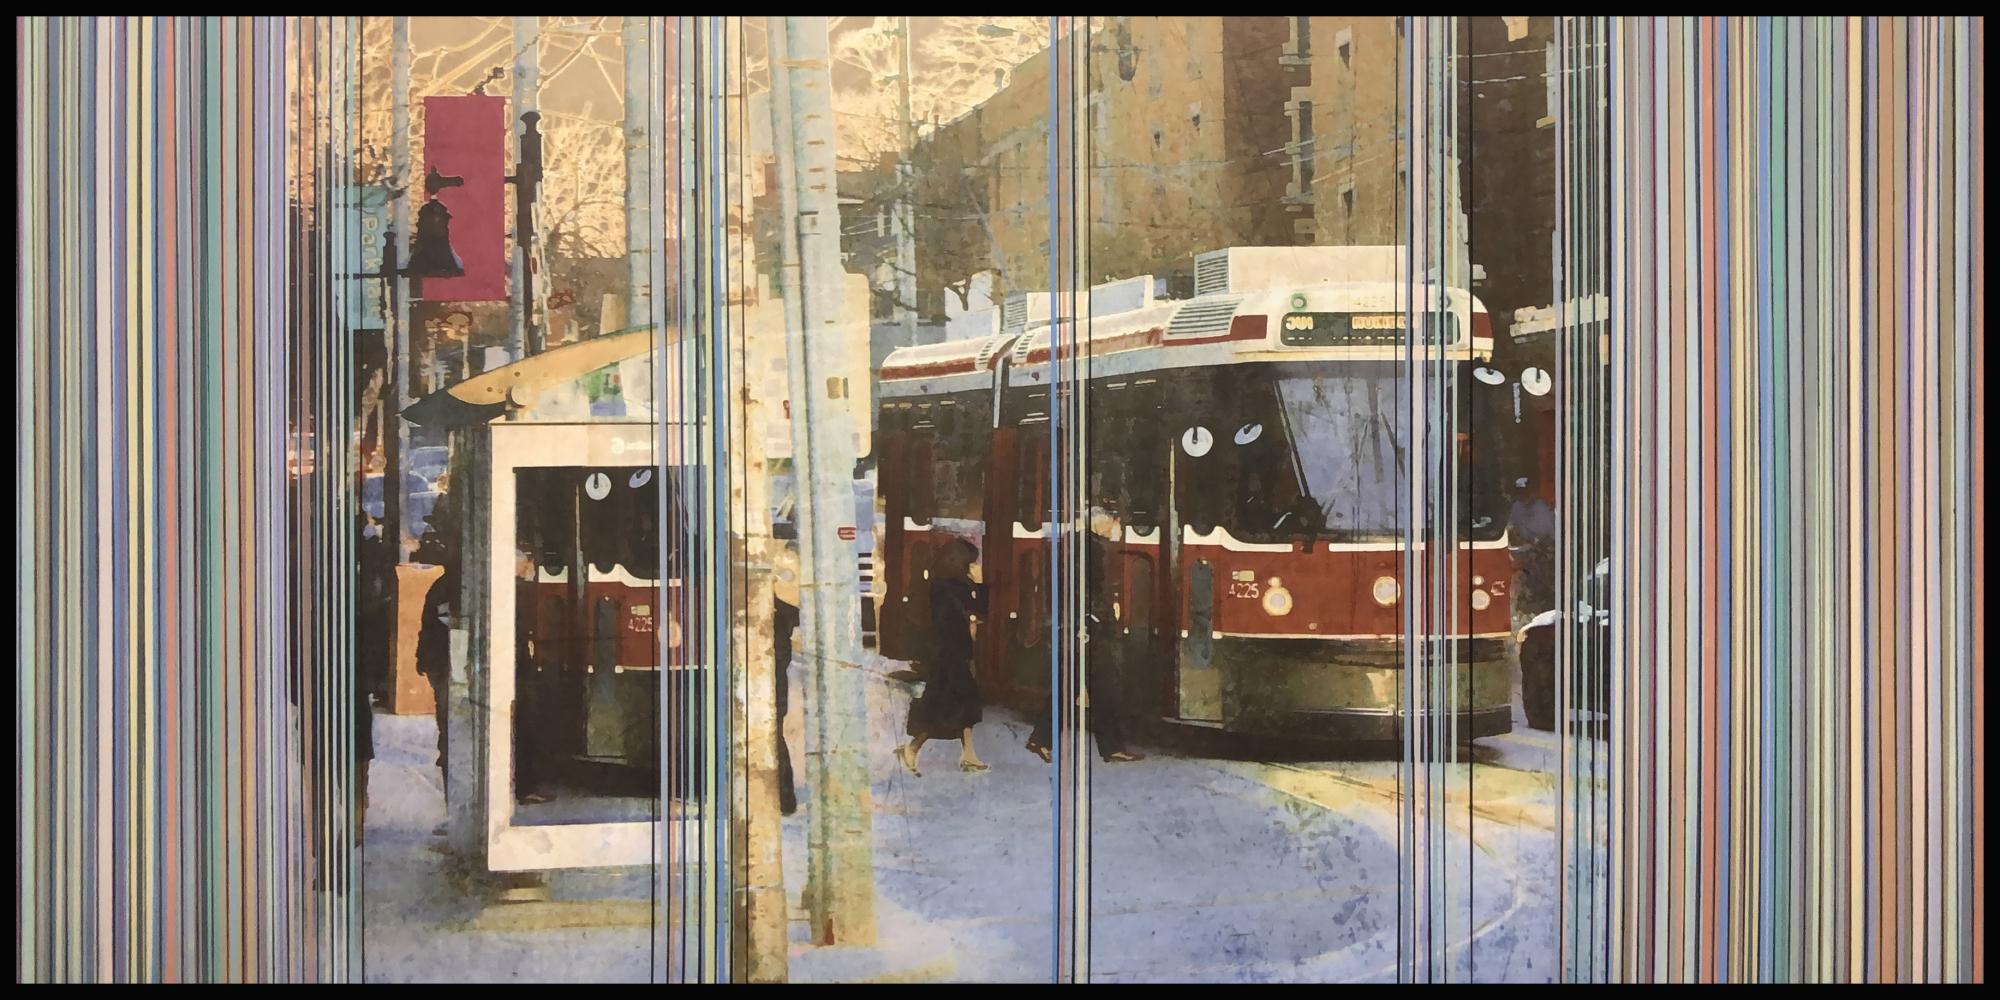 My City: 358 by Jamie MacRae